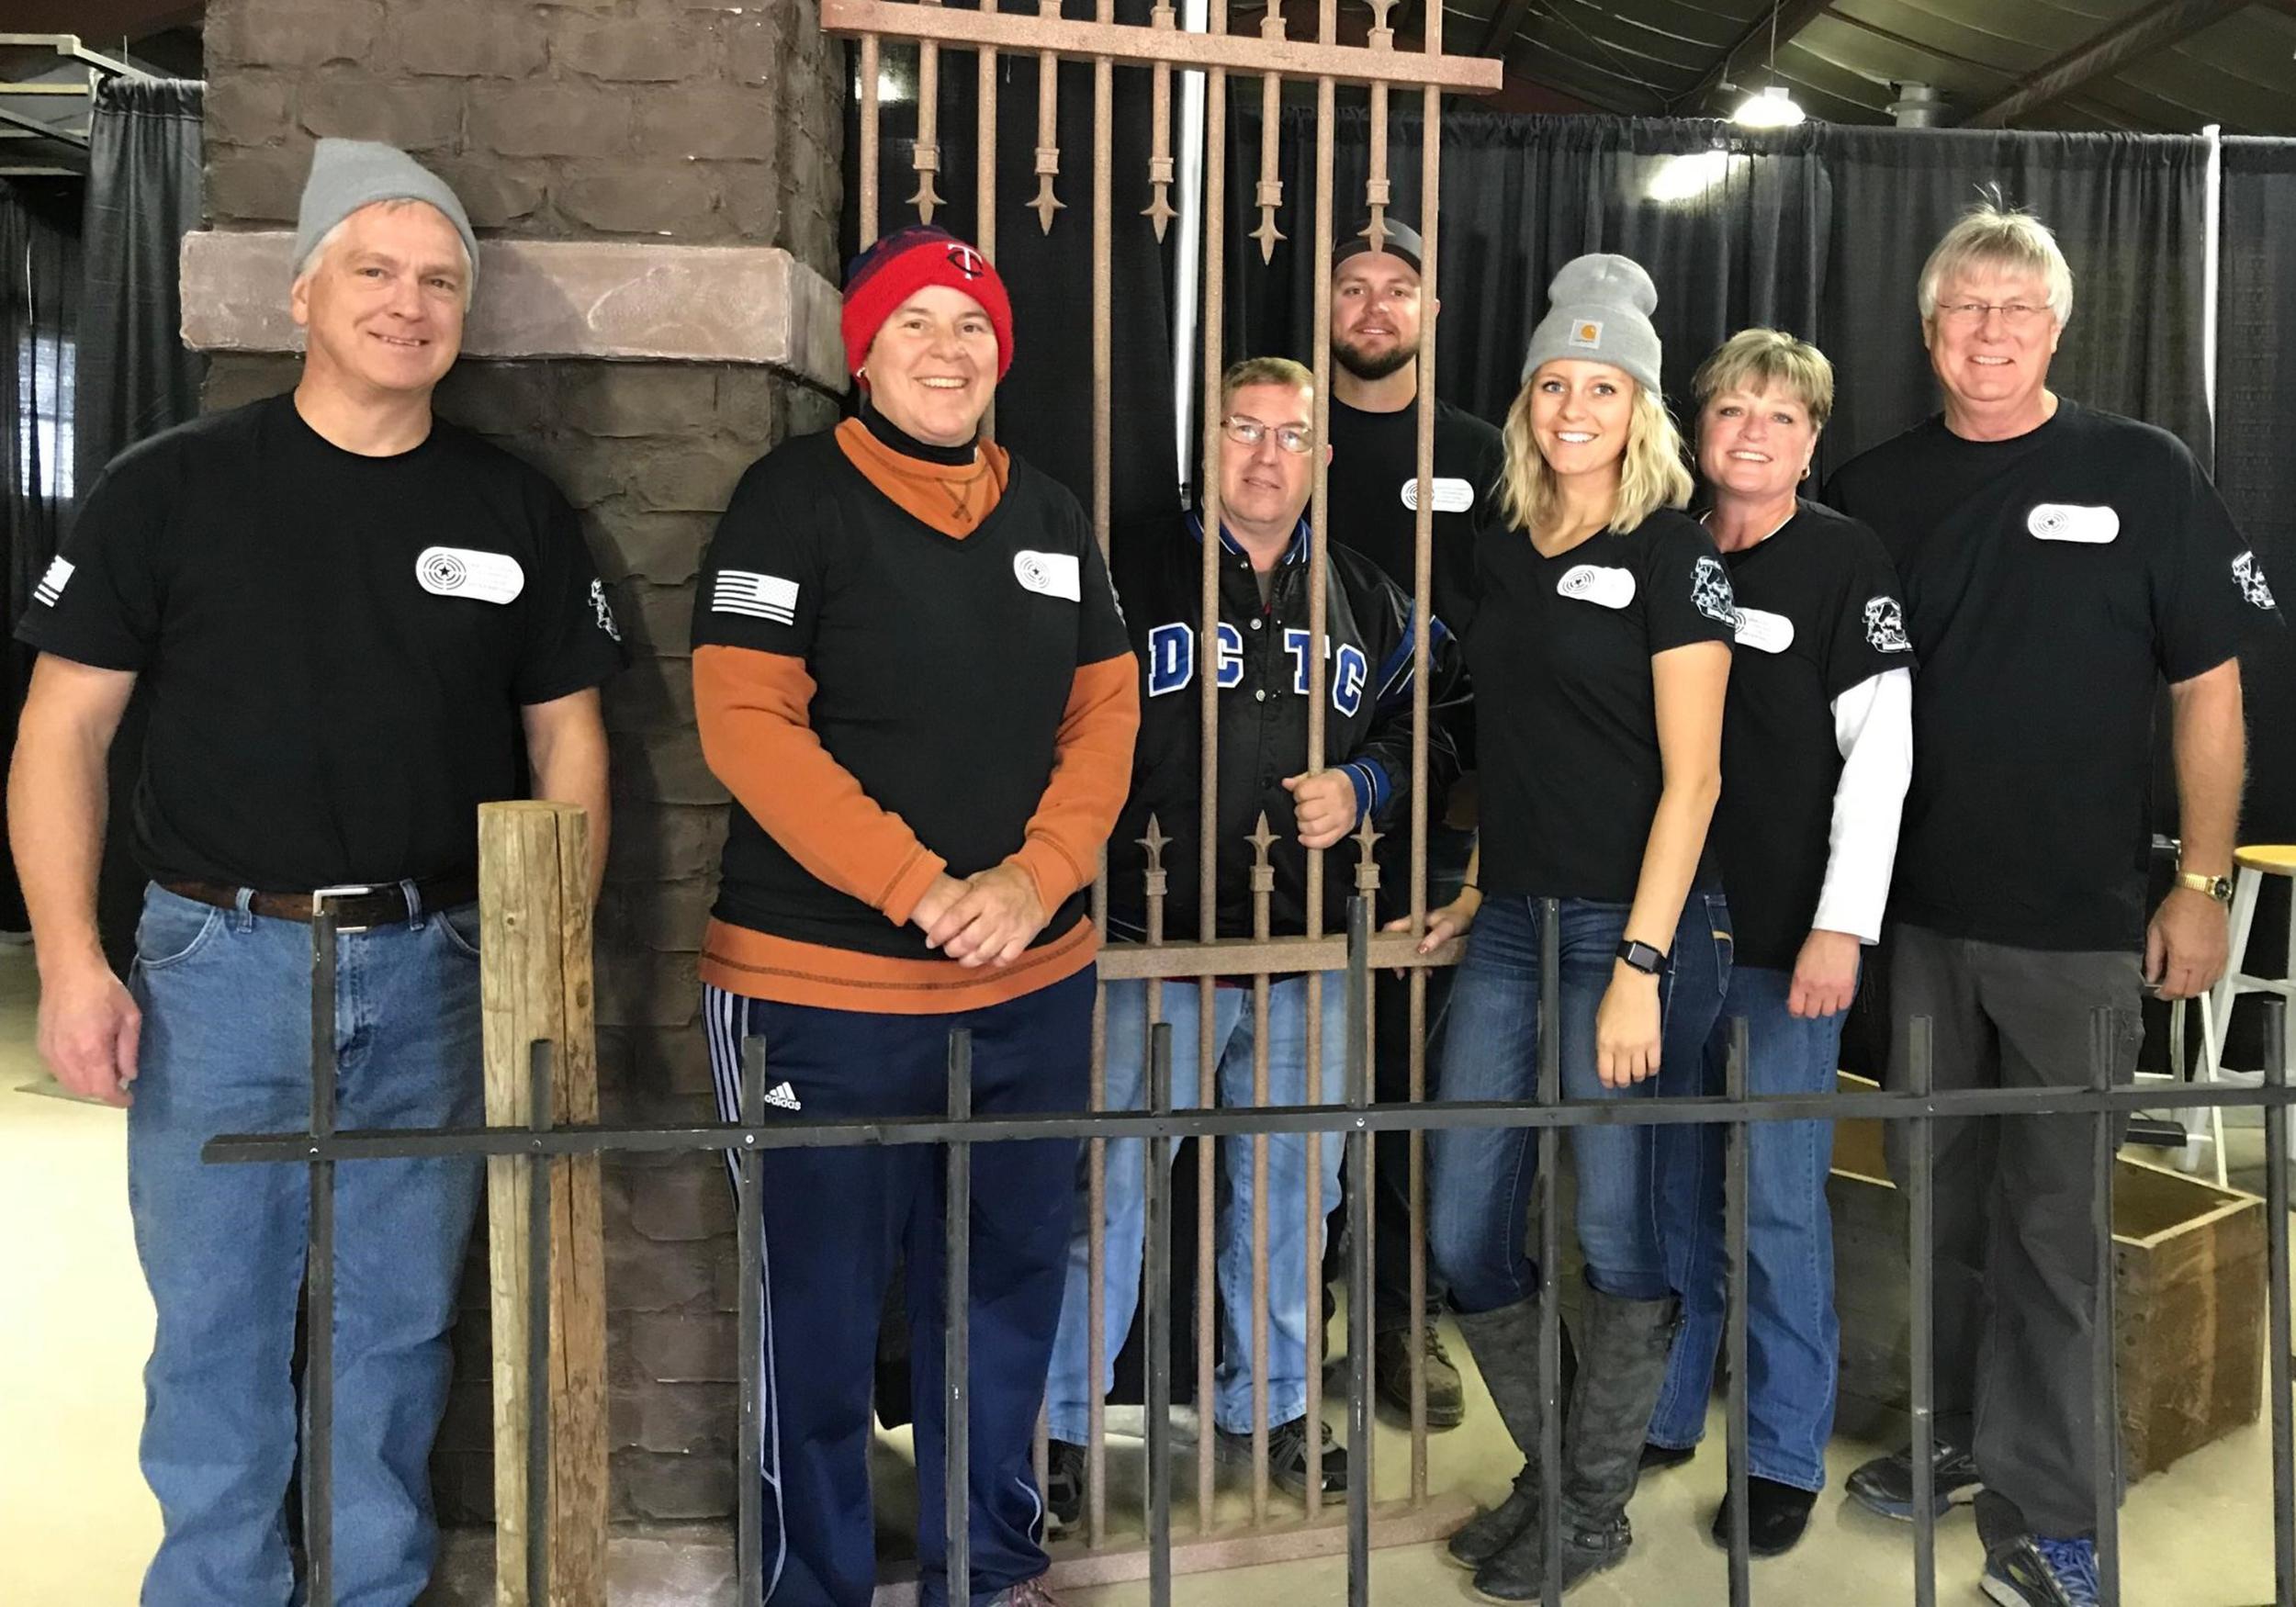 (left to right) Brian Bachman, Kim Schroeder, Randy Nicol, Lee Frandrup, Kayla Frandrup, Diane Frandrup, Vern Frandrup